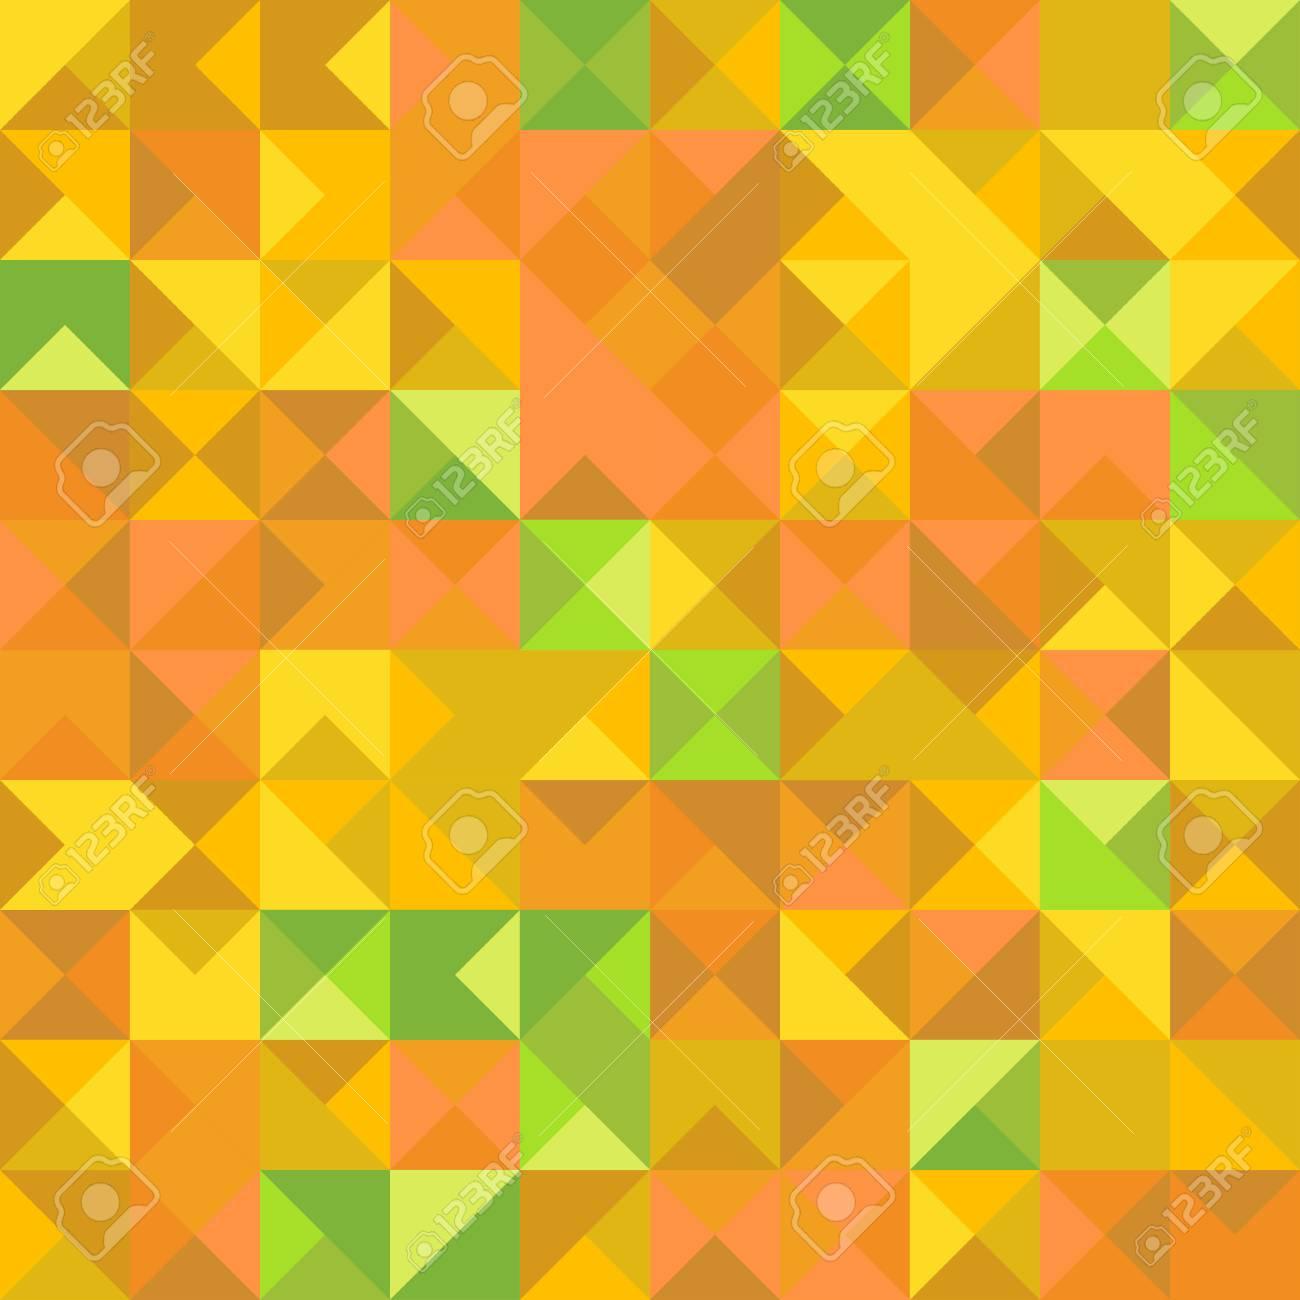 Vettoriale Astratto Sfondo Giallo Verde E Arancione Image 75435655